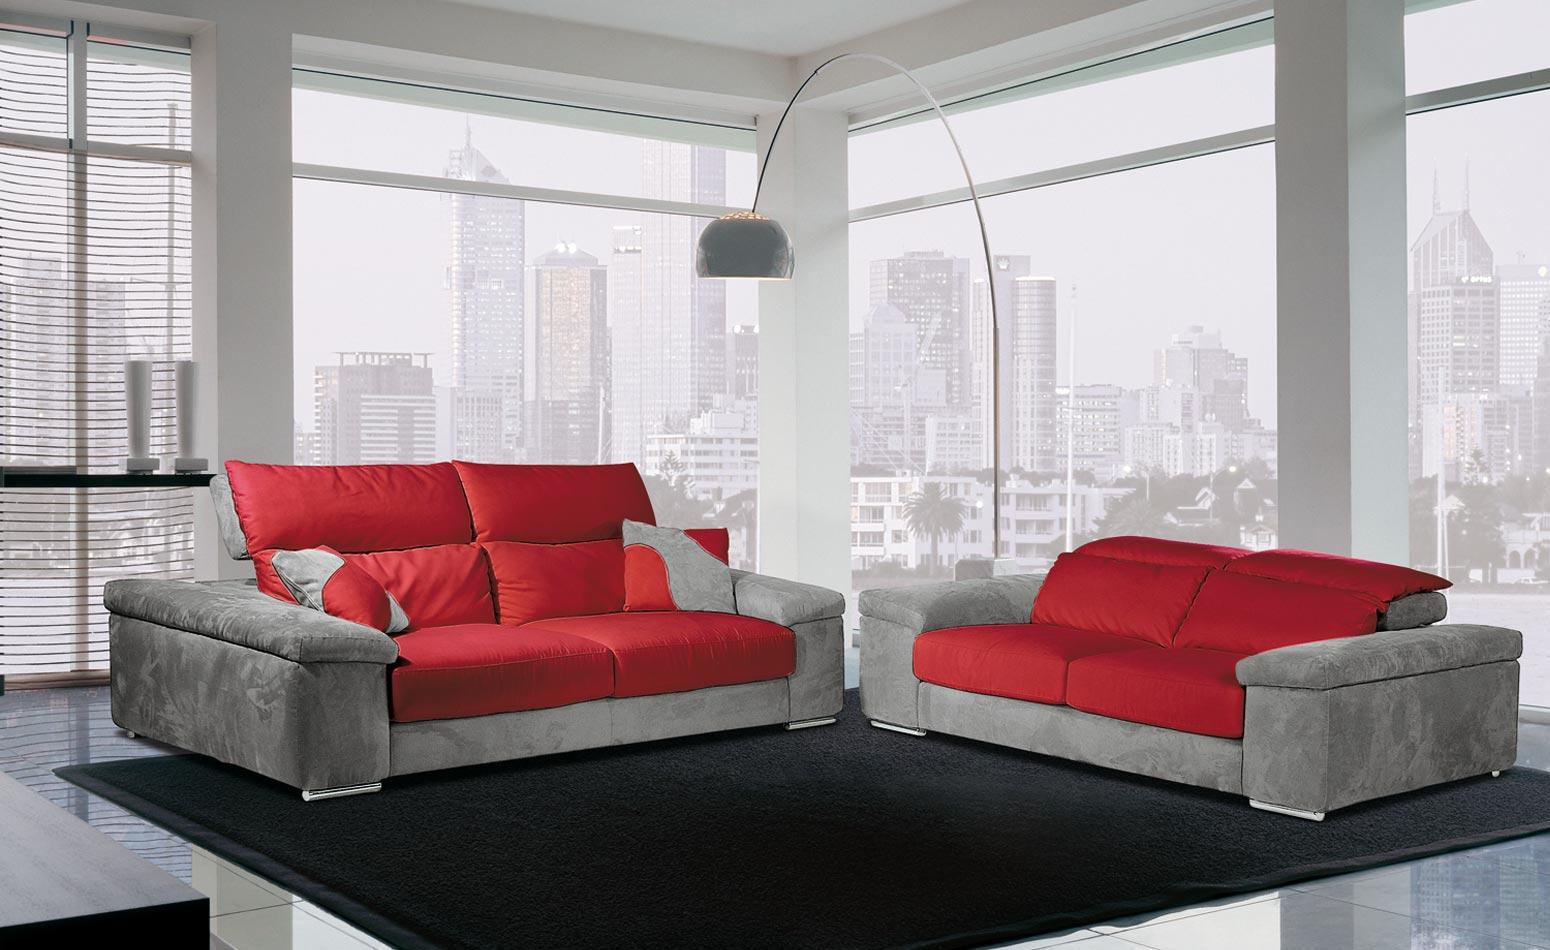 Divano Rosso E Grigio parma divani, produzione e vendita, divani, poltreone